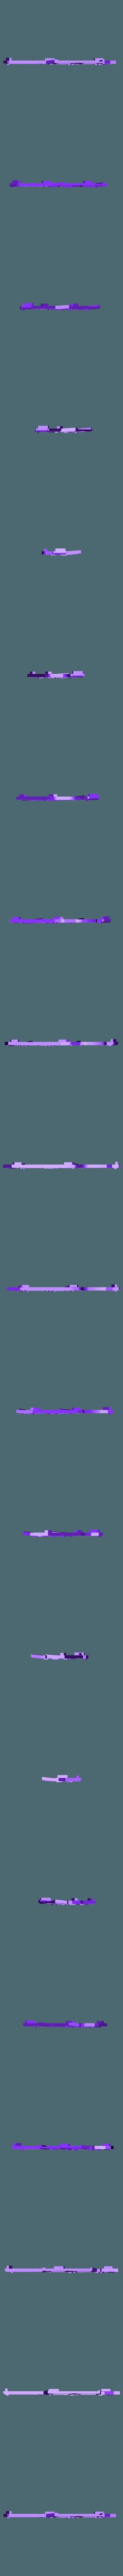 ladoder1.stl Download STL file HUMMER H1 - Assembly model kit 1:35 • 3D print model, guillesilvestrini